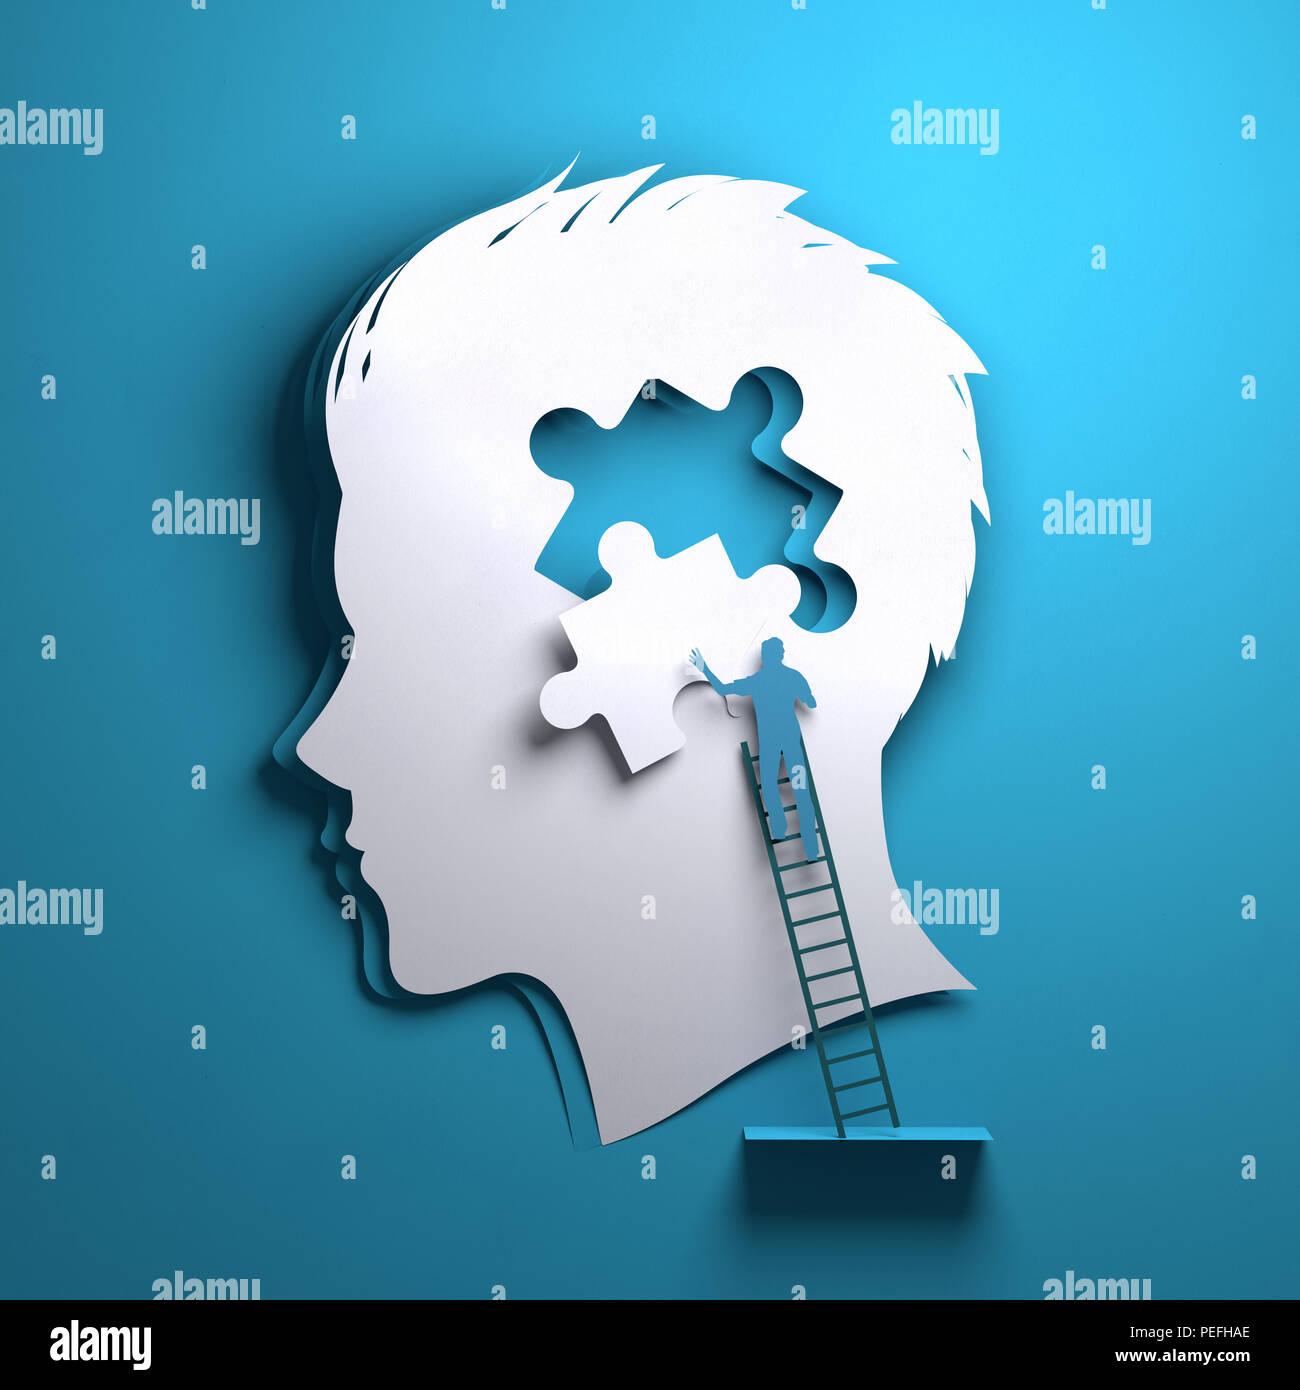 Arte en papel plegado origami. La silueta de un hombre con la cabeza de una persona agregando una pieza del puzzle. Mindfulness conceptual ilustración 3D. Imagen De Stock